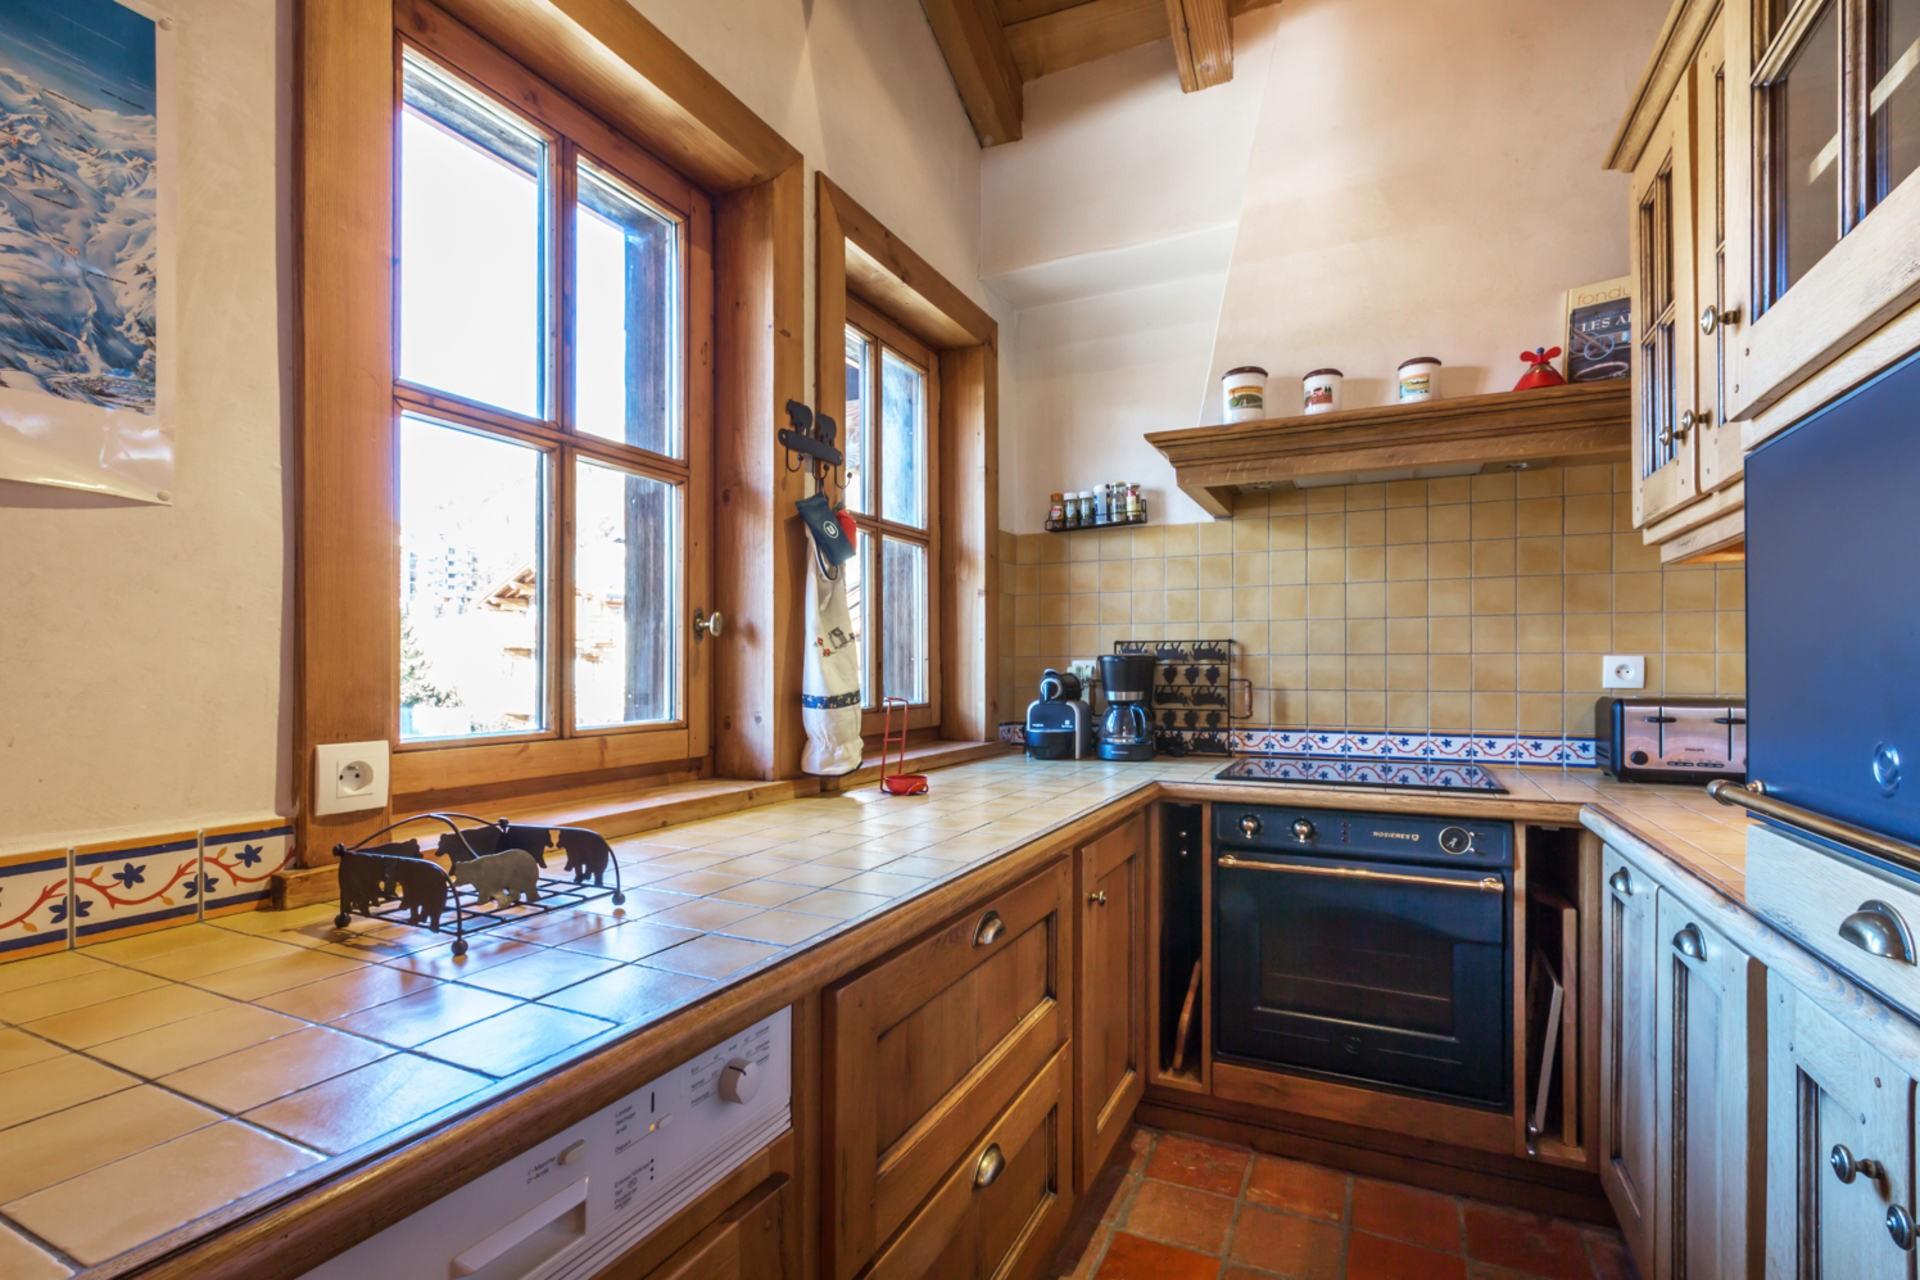 Val d'Isère Location Appartement Luxe Violane Cuisine